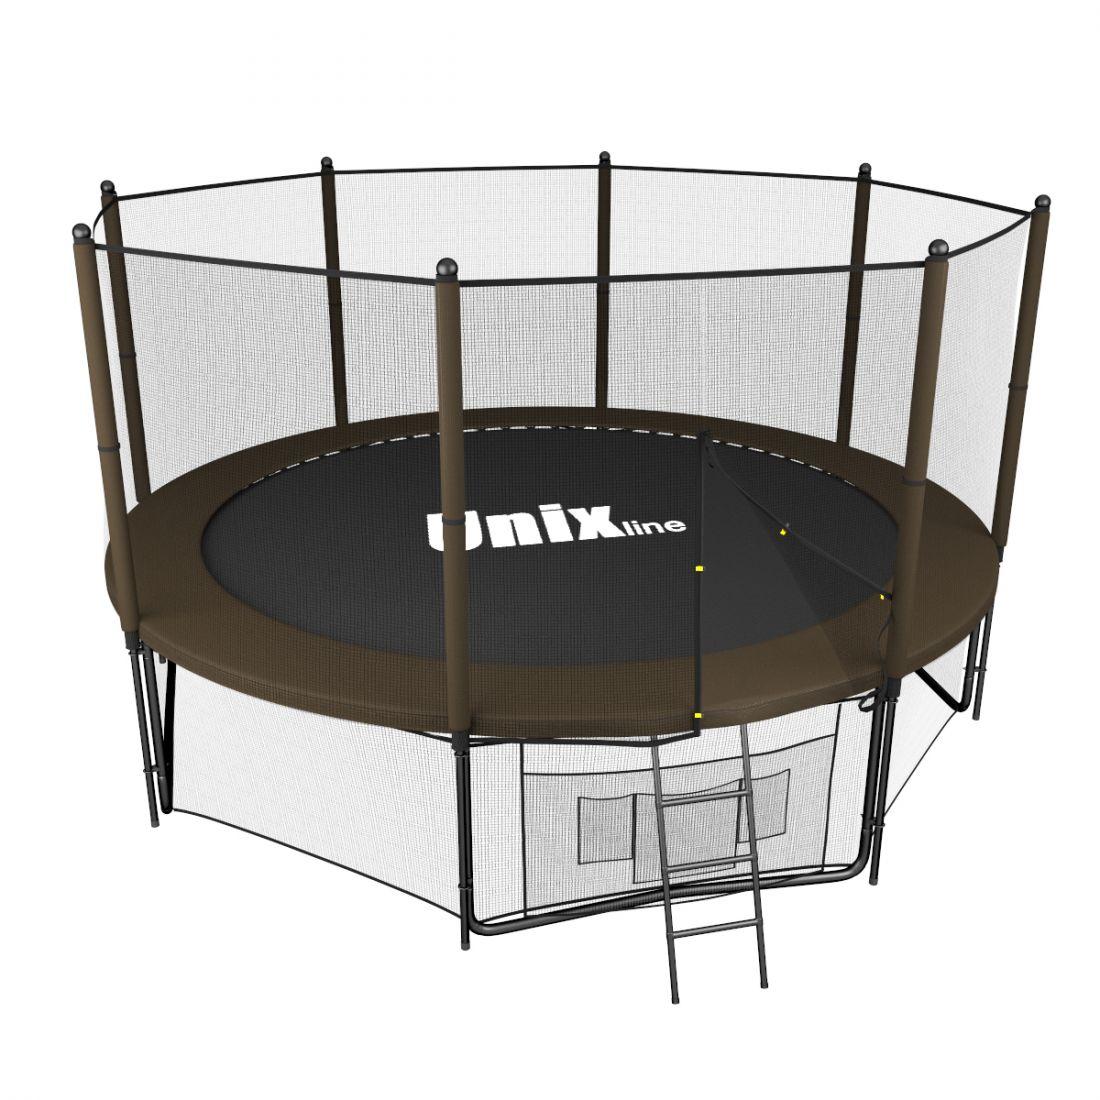 Батут с внешней защитной сеткой - Unix Line 12FT (3,66м), цвет черно-коричневый